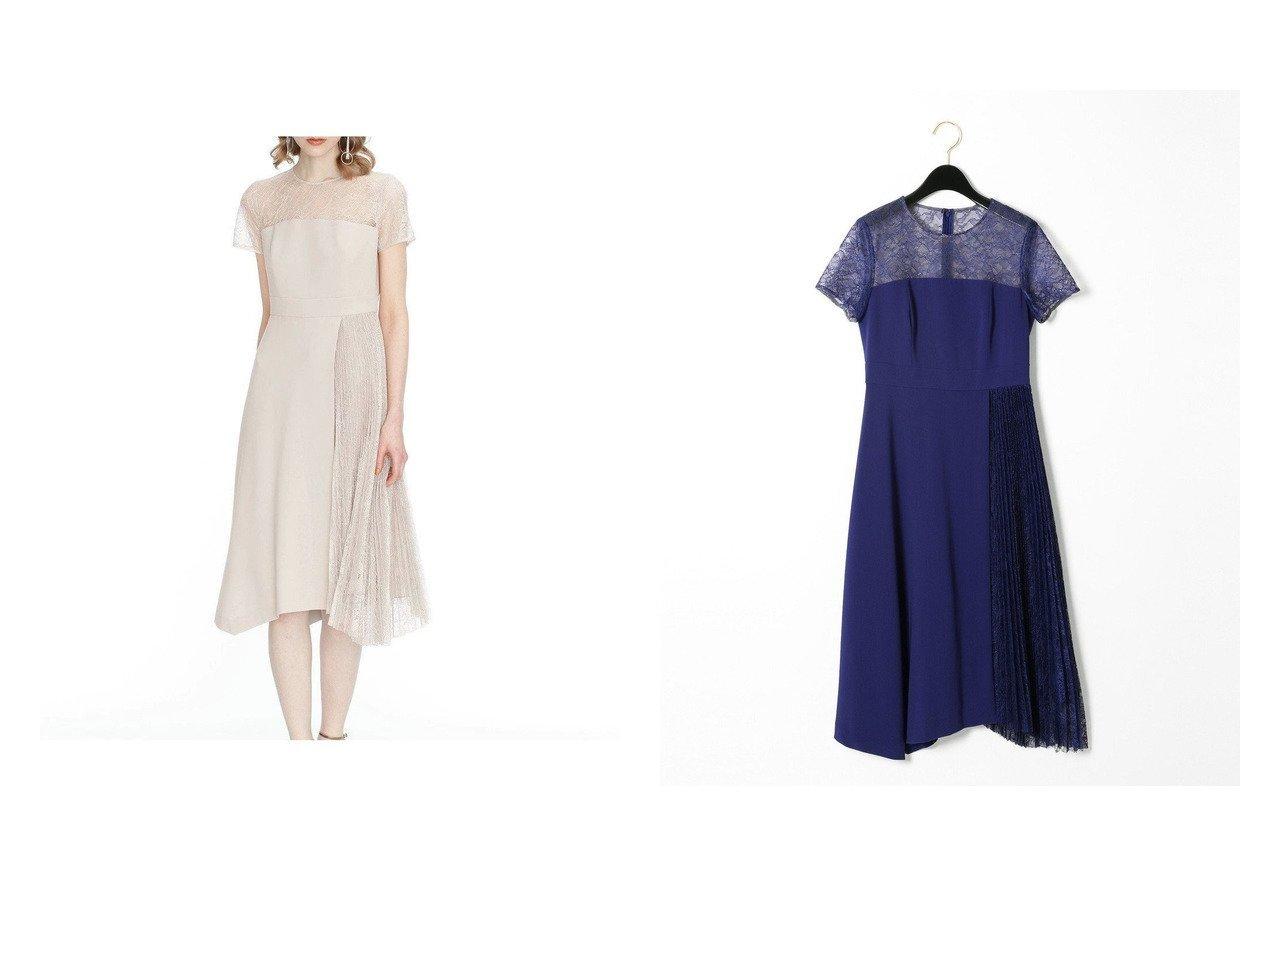 【GRACE CONTINENTAL/グレース コンチネンタル】のレースプリーツ切替ワンピース 【ワンピース・ドレス】おすすめ!人気、トレンド・レディースファッションの通販  おすすめで人気の流行・トレンド、ファッションの通販商品 インテリア・家具・メンズファッション・キッズファッション・レディースファッション・服の通販 founy(ファニー) https://founy.com/ ファッション Fashion レディースファッション WOMEN ワンピース Dress ドレス Party Dresses 送料無料 Free Shipping ドレス バランス フォーマル プリーツ レース 再入荷 Restock/Back in Stock/Re Arrival 切替  ID:crp329100000062979